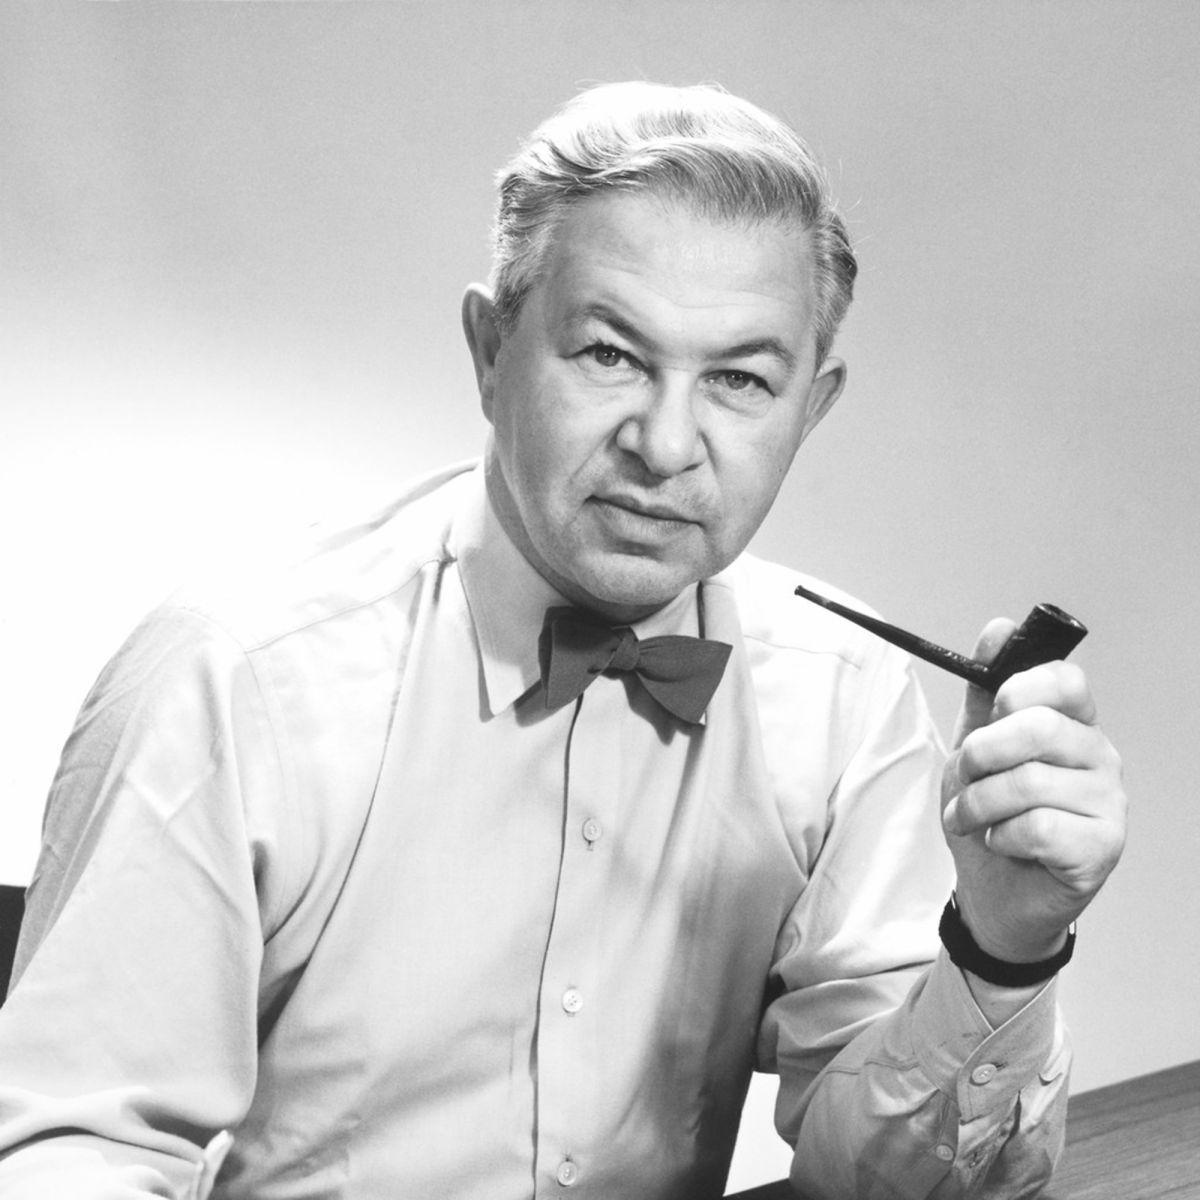 Ikoninen tanskalaismuotoilija Arne Jacobsen tunnetaan muun muassa Muna-, Swan- ja Seiska-tuoleista.